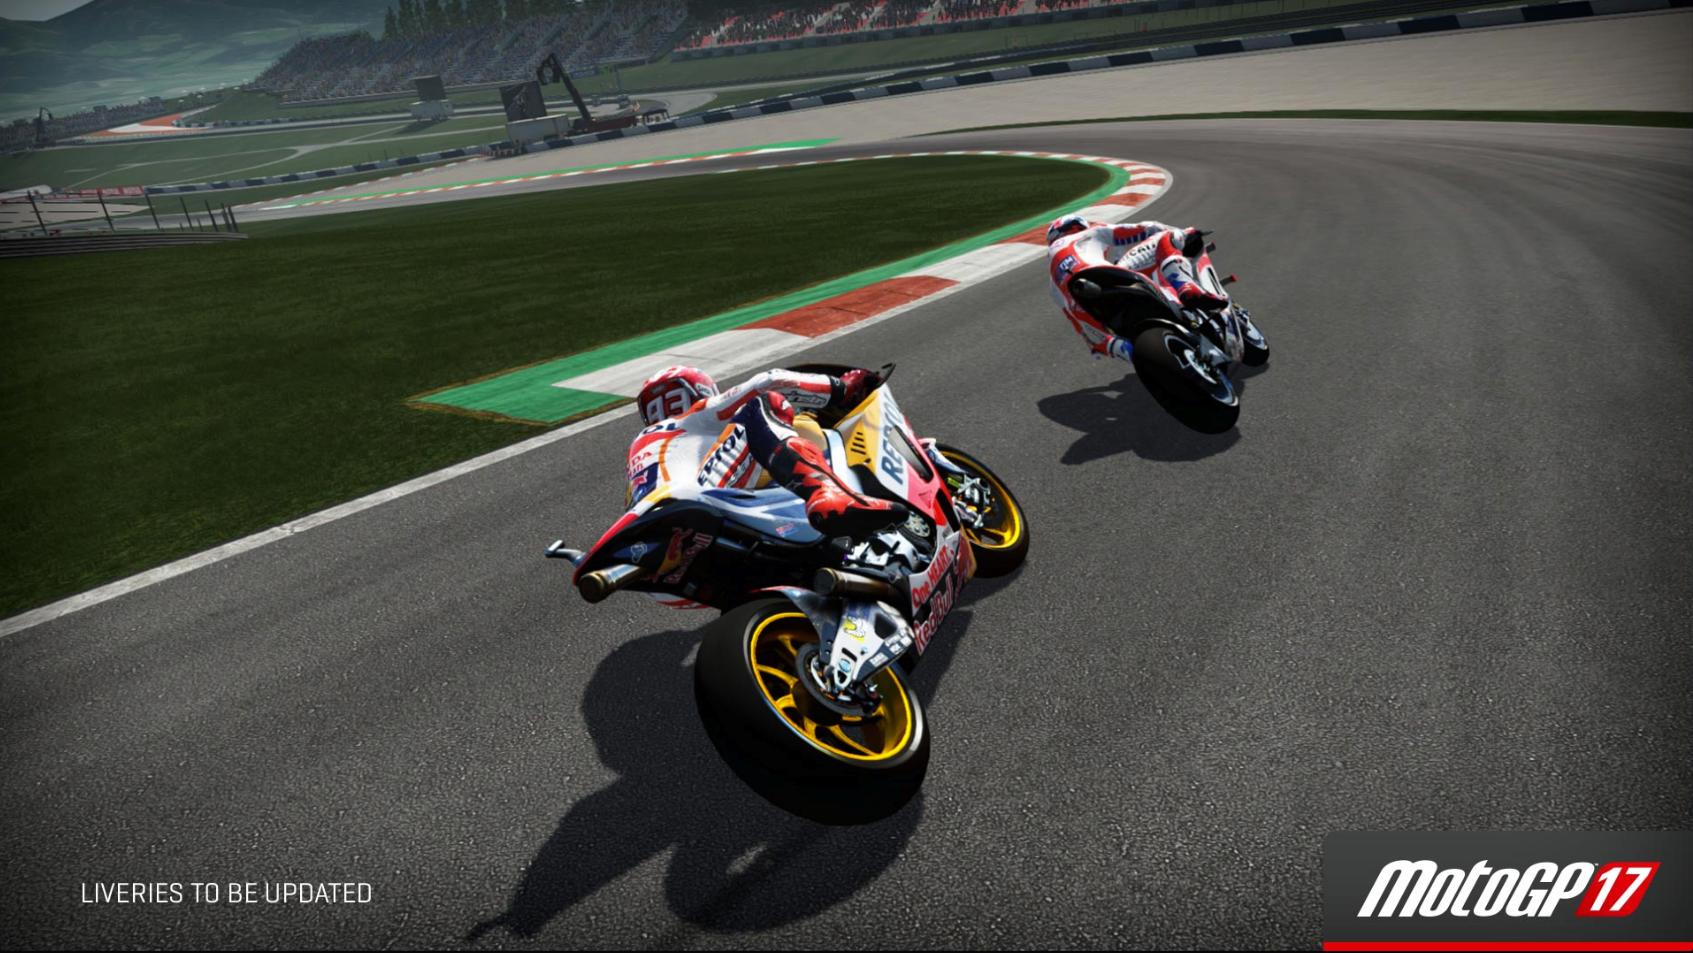 MotoGP 17 Red Bull Ring turn 5